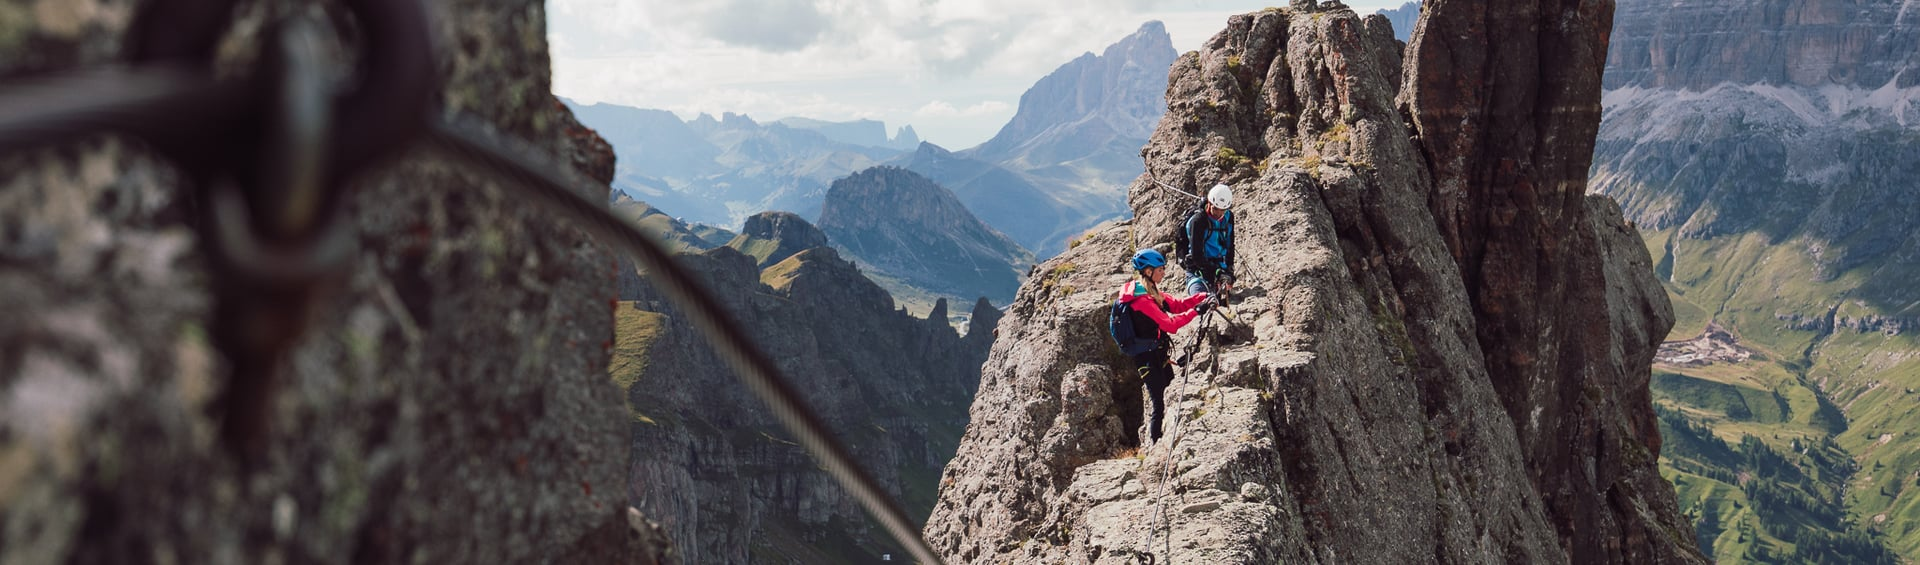 Guide Alpine & Guide di Media Montagna